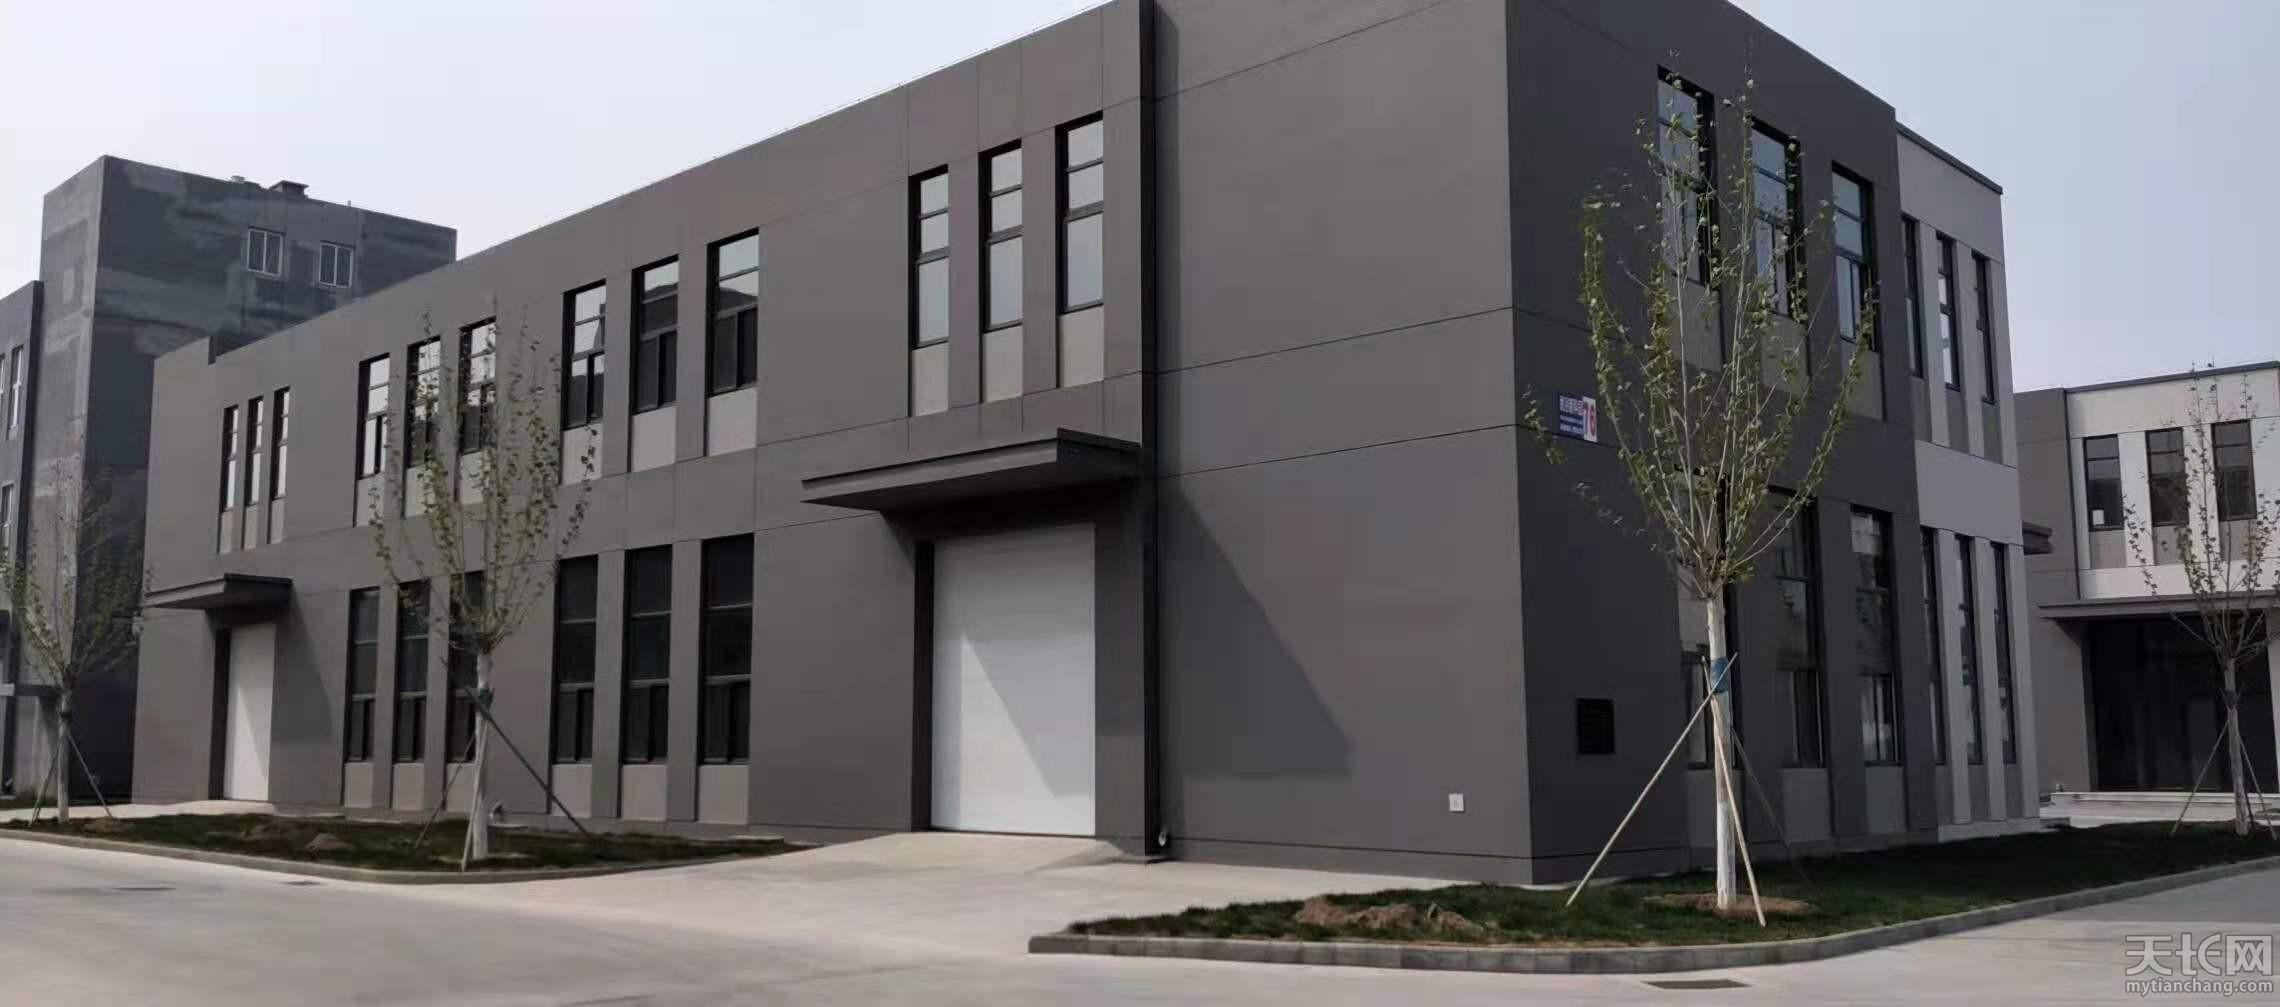 天长经济开发区经五路现有标准化厂房两栋对外出租